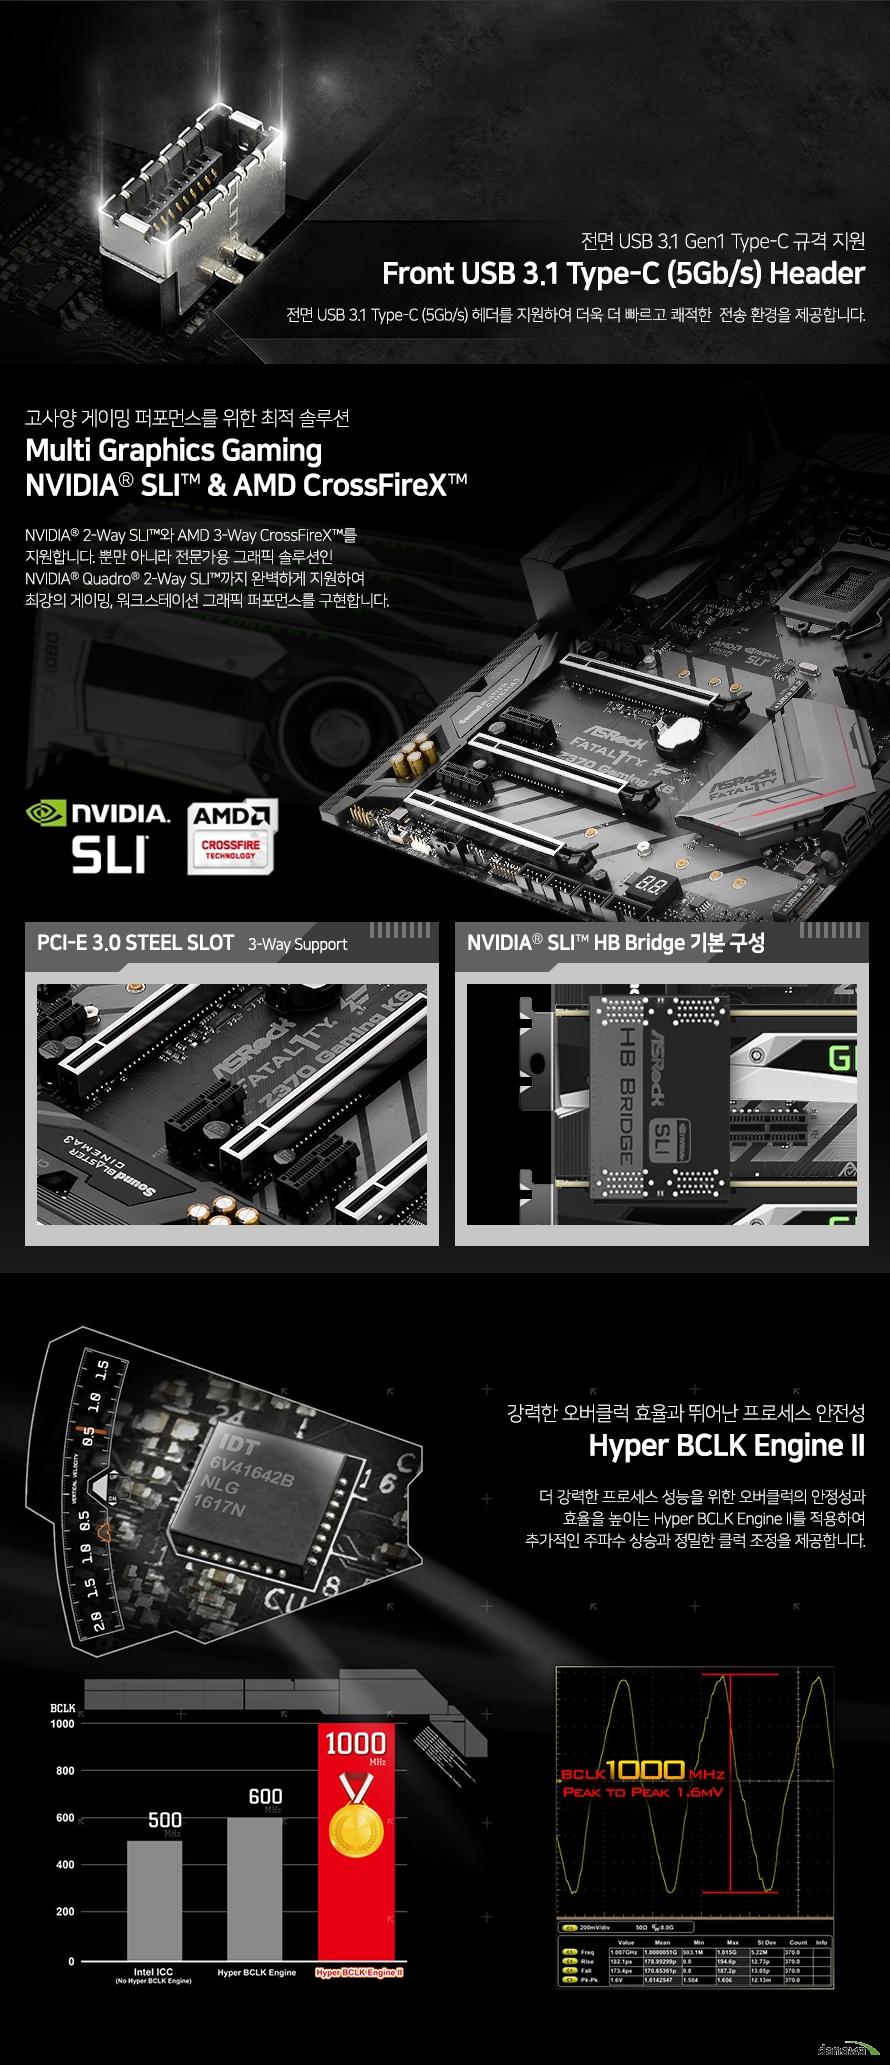 전면 usb 3.1 gen1 type c 규격 지원전면 usb 3.1 type c 헤더를 지원하여 더욱 더 빠르고 쾌적한 전송환경을 제공합니다.고사양 게이밍 퍼포먼스를 위한 최적 솔루션멀티 그래픽스 게이밍NVIDIA SLI & AMD CrossFireXNVIDIA 2-Way SLI와 AMD 3-Way CrossFireX를 지원합니다. 뿐만 아니라 전문가용 그래픽 솔루션인 NVIDIA Quadro 2way sli 까지 완벽하게지원하여 최강의 게이밍, 워크스테이션 그래픽 퍼포먼스를 구현합니다.강력한 오버클럭 효율과 뛰어난 프로세스 안정성하이퍼 bclk 엔진 2더 강력한 프로세스 성능을 위한 오버클럭의 안정성과 효율을 높이는 하이퍼 bclk 엔진 2를 적용하여추가적인 주파수 상승과 정밀한 클럭 조정을 제공합니다.